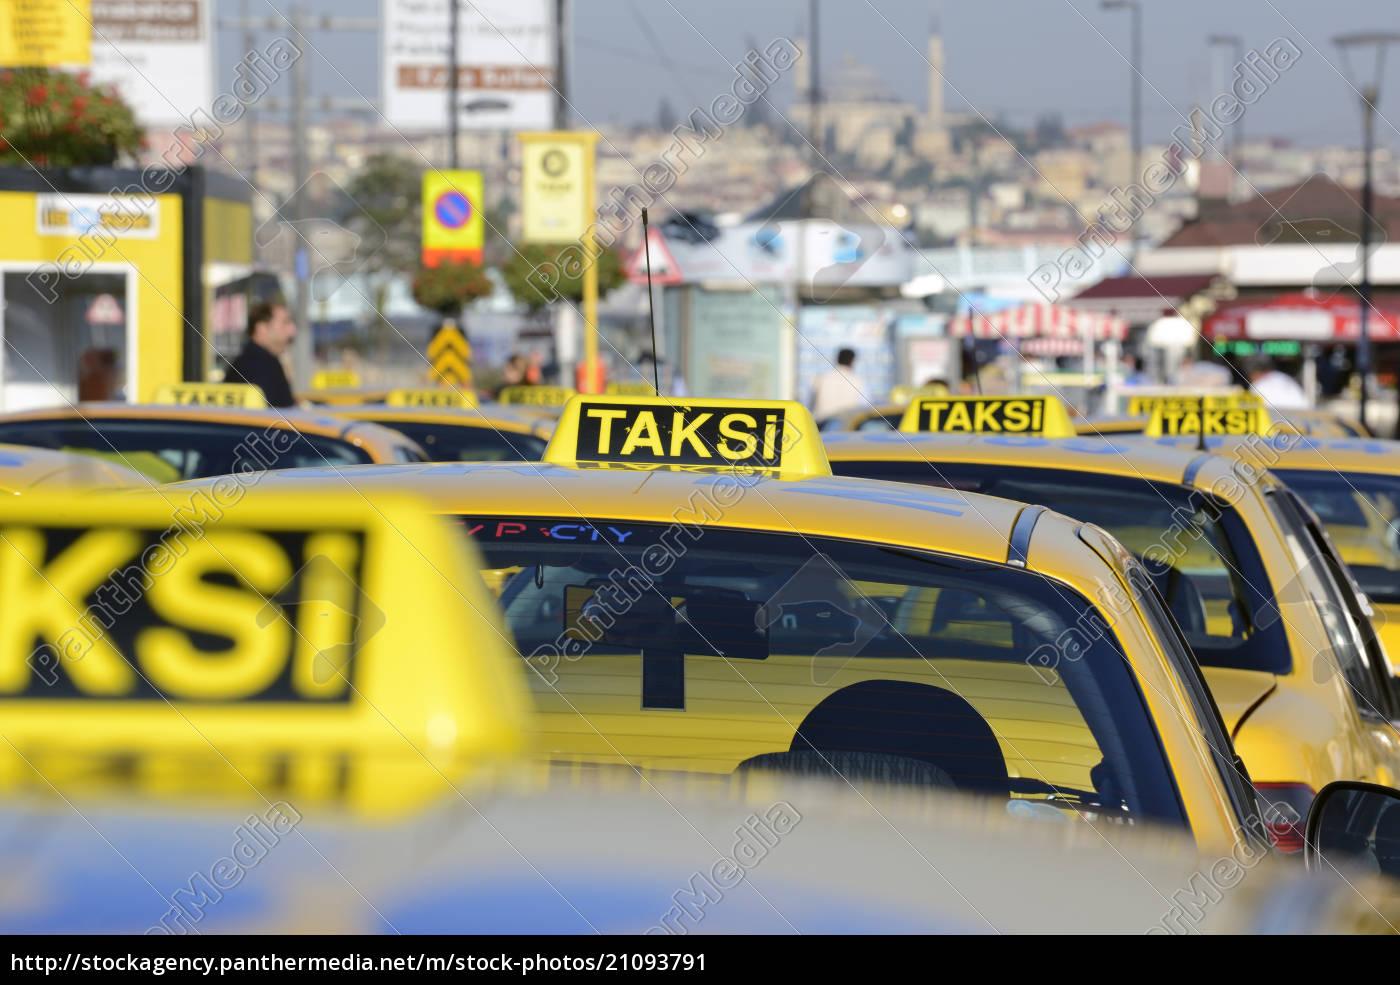 türkei, istanbul, gelbe, kabinen, im, verkehr - 21093791